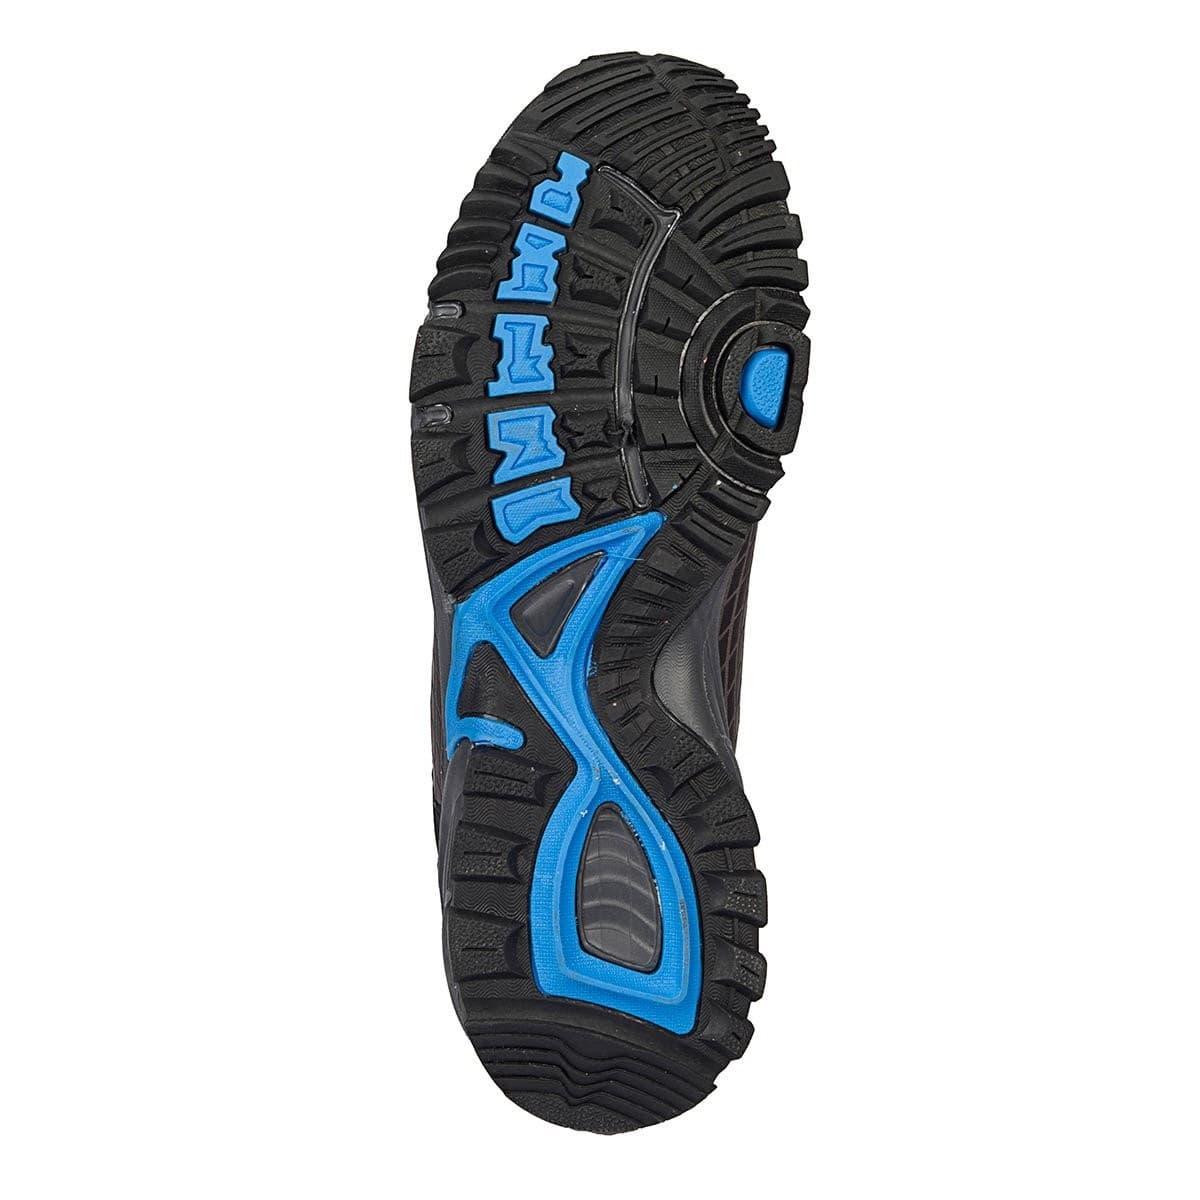 Flake Erkek Gri Outdoor Ayakkabı